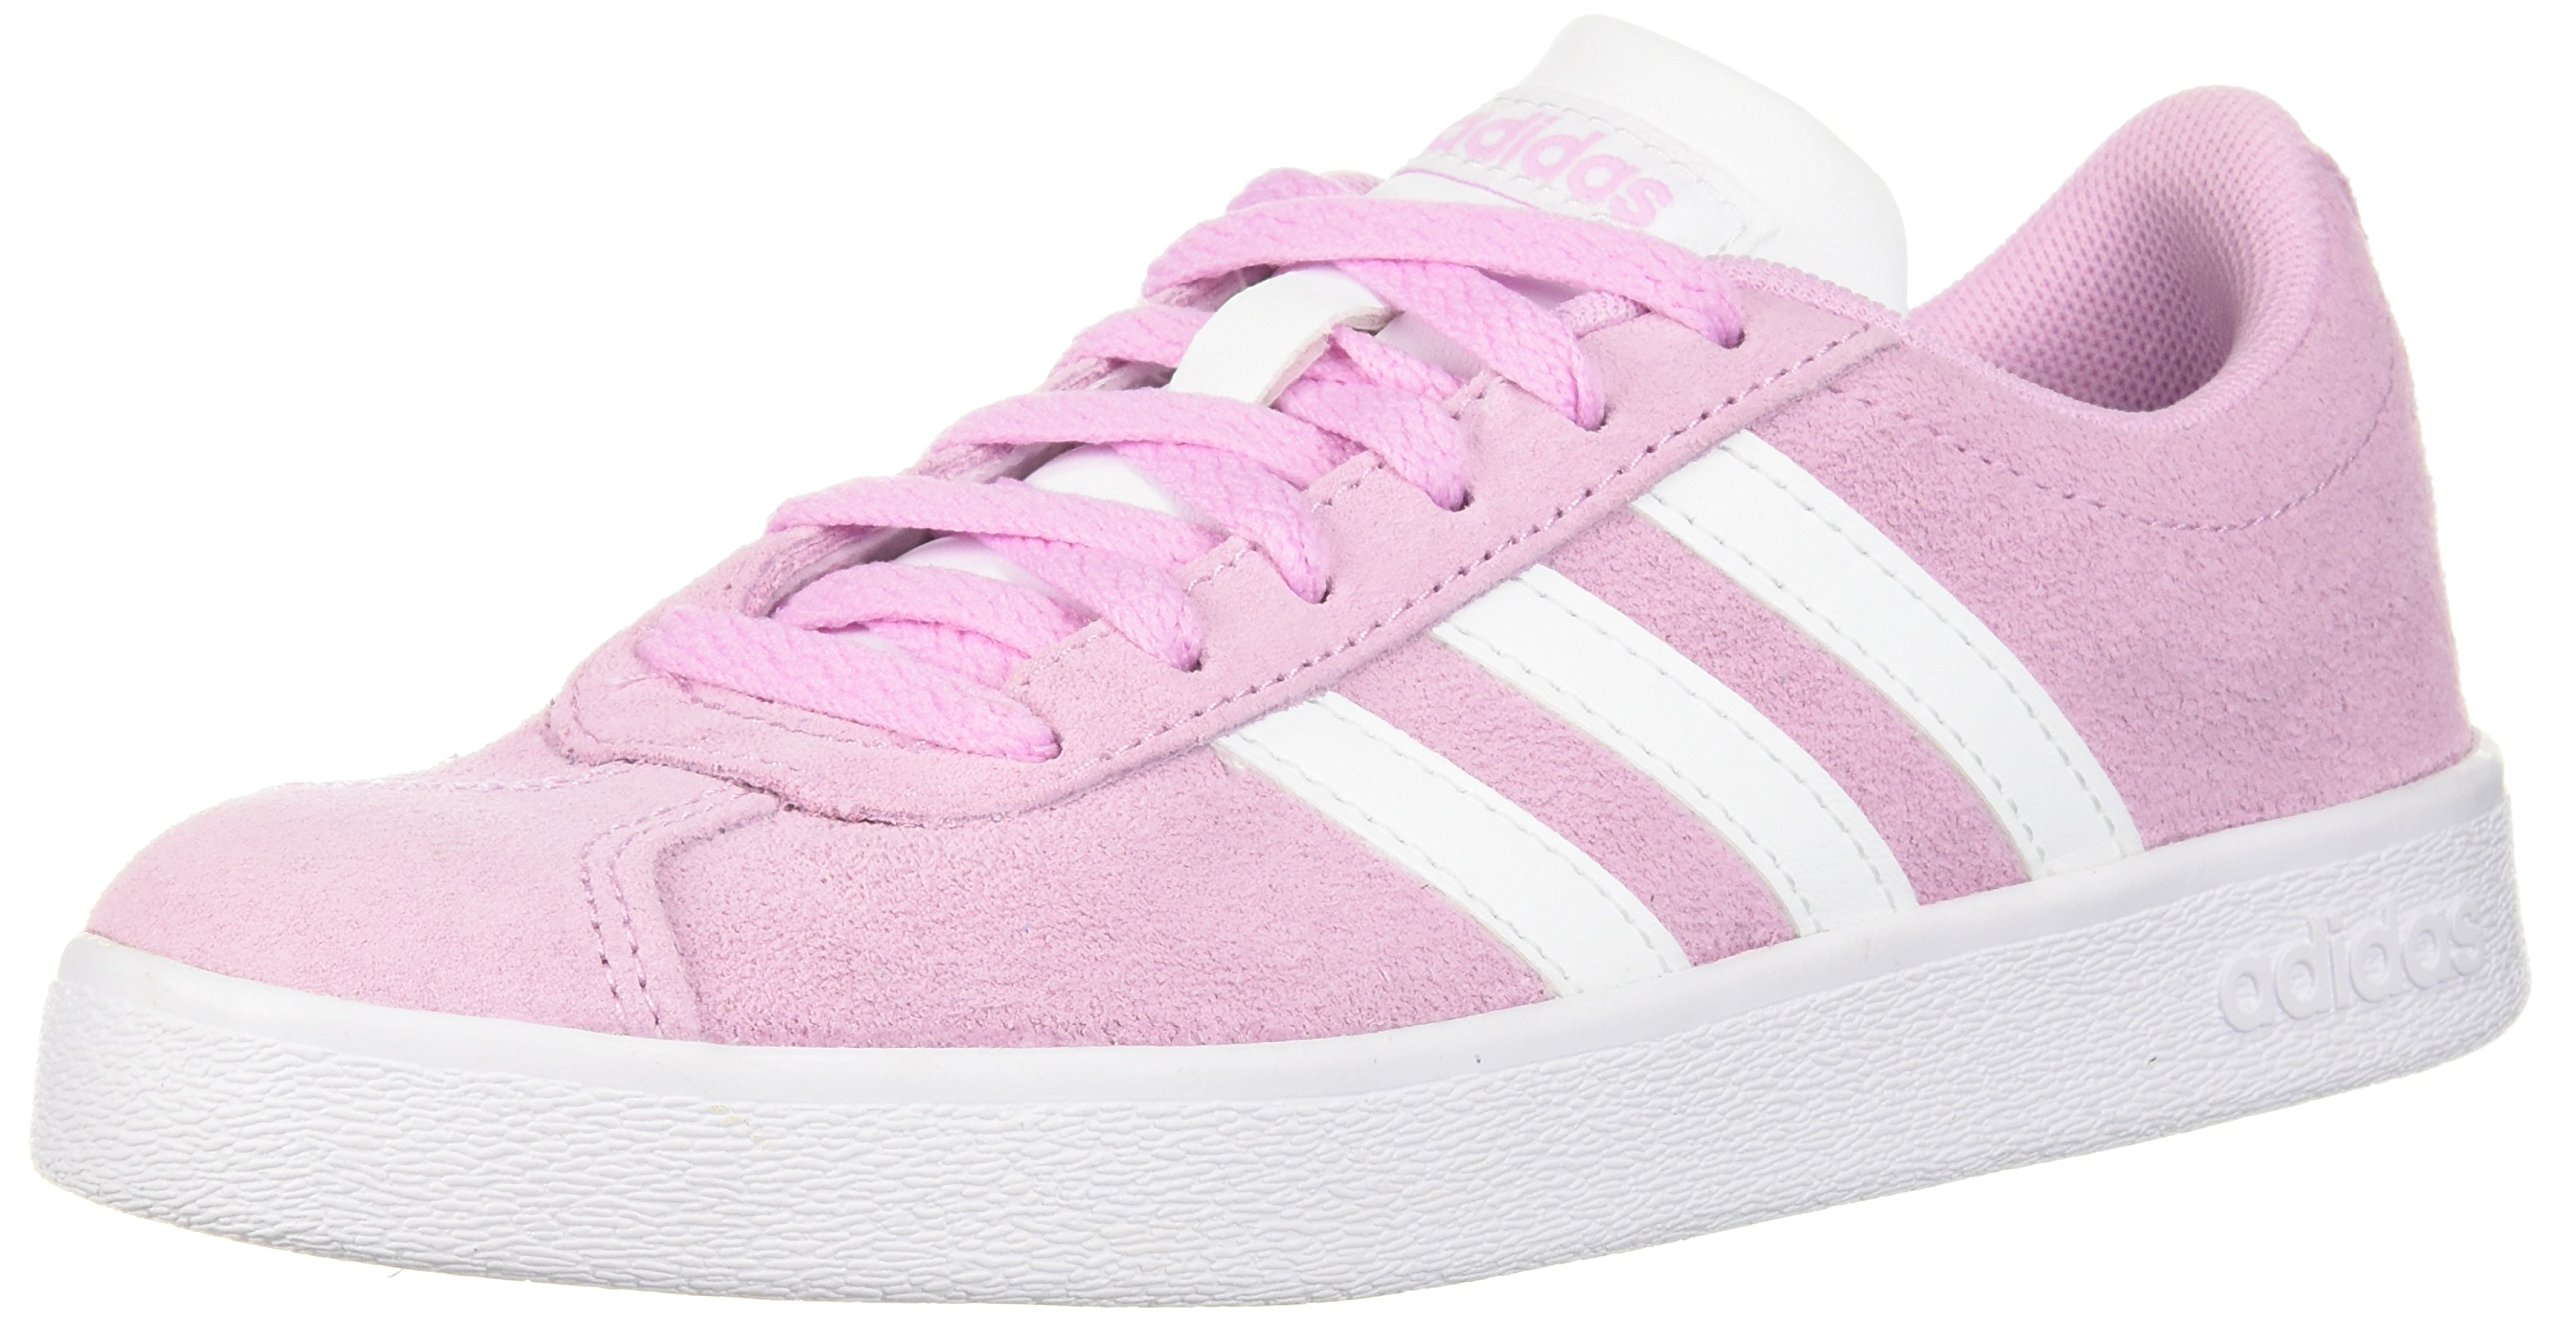 adidas Kids' VL Court 2.0 Sneaker, Frost Pink, Ftwr White, Ftwr White, 1 M US Little Kid